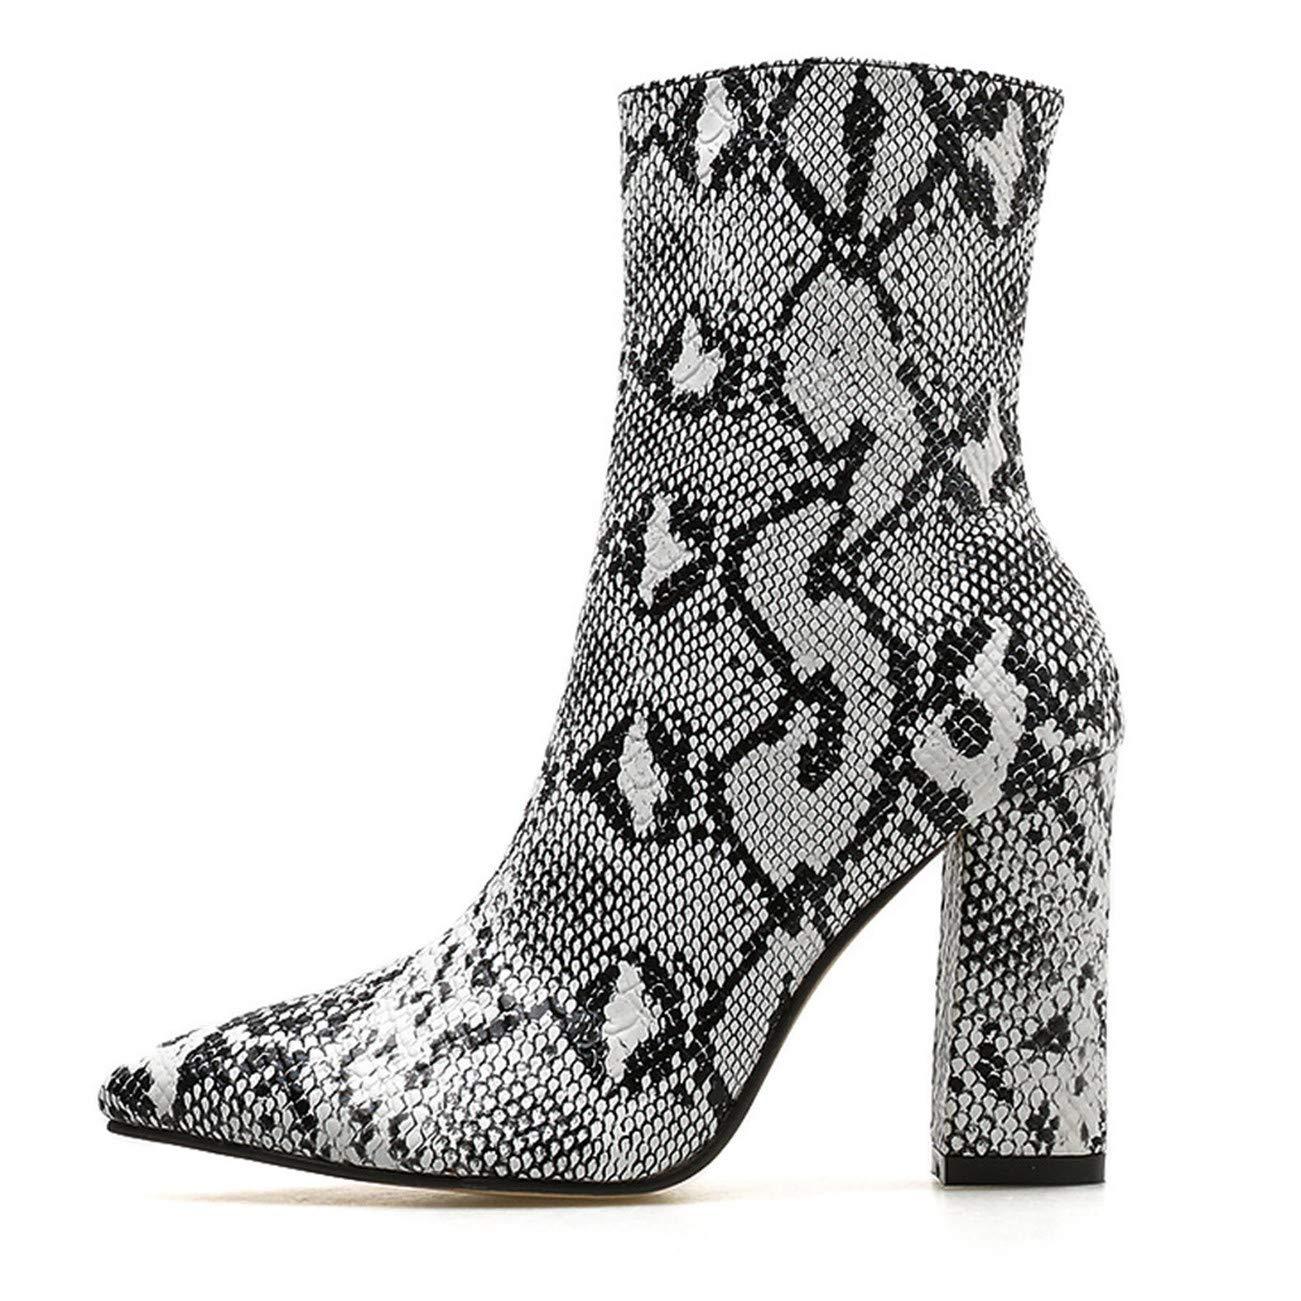 Bottes Femmes Peau De Serpent Motif Orteil Zip éPais Bottes Chaussures Bottes Chaussures Hautes Bottes HCFKJ-Js